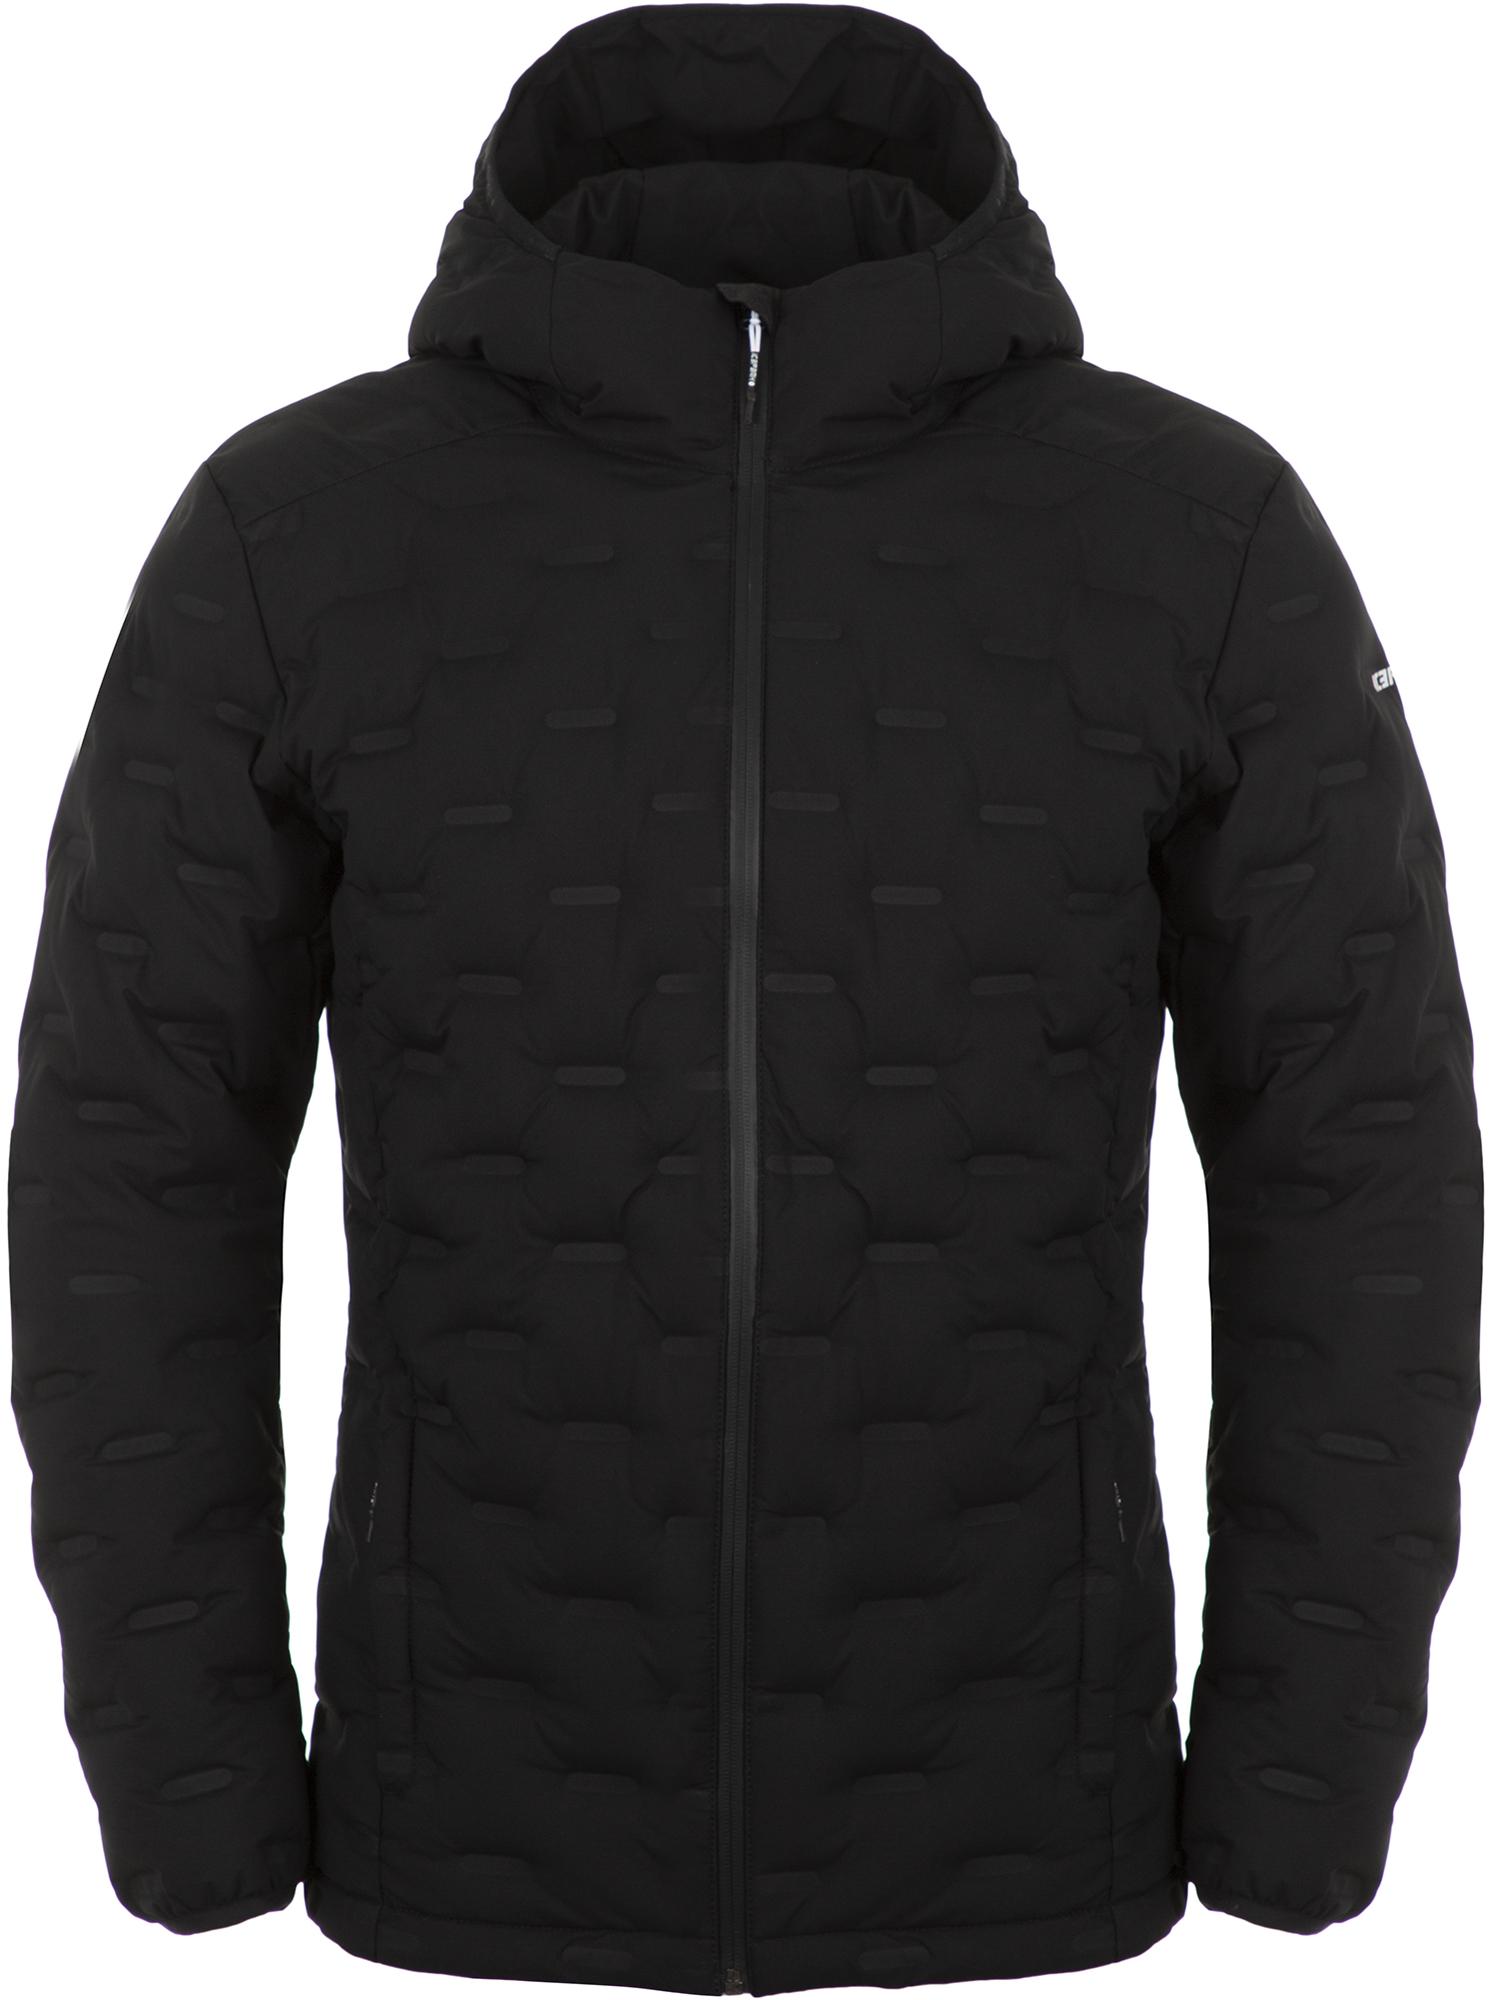 цена IcePeak Куртка утепленная мужская IcePeak Damascus, размер 54 онлайн в 2017 году